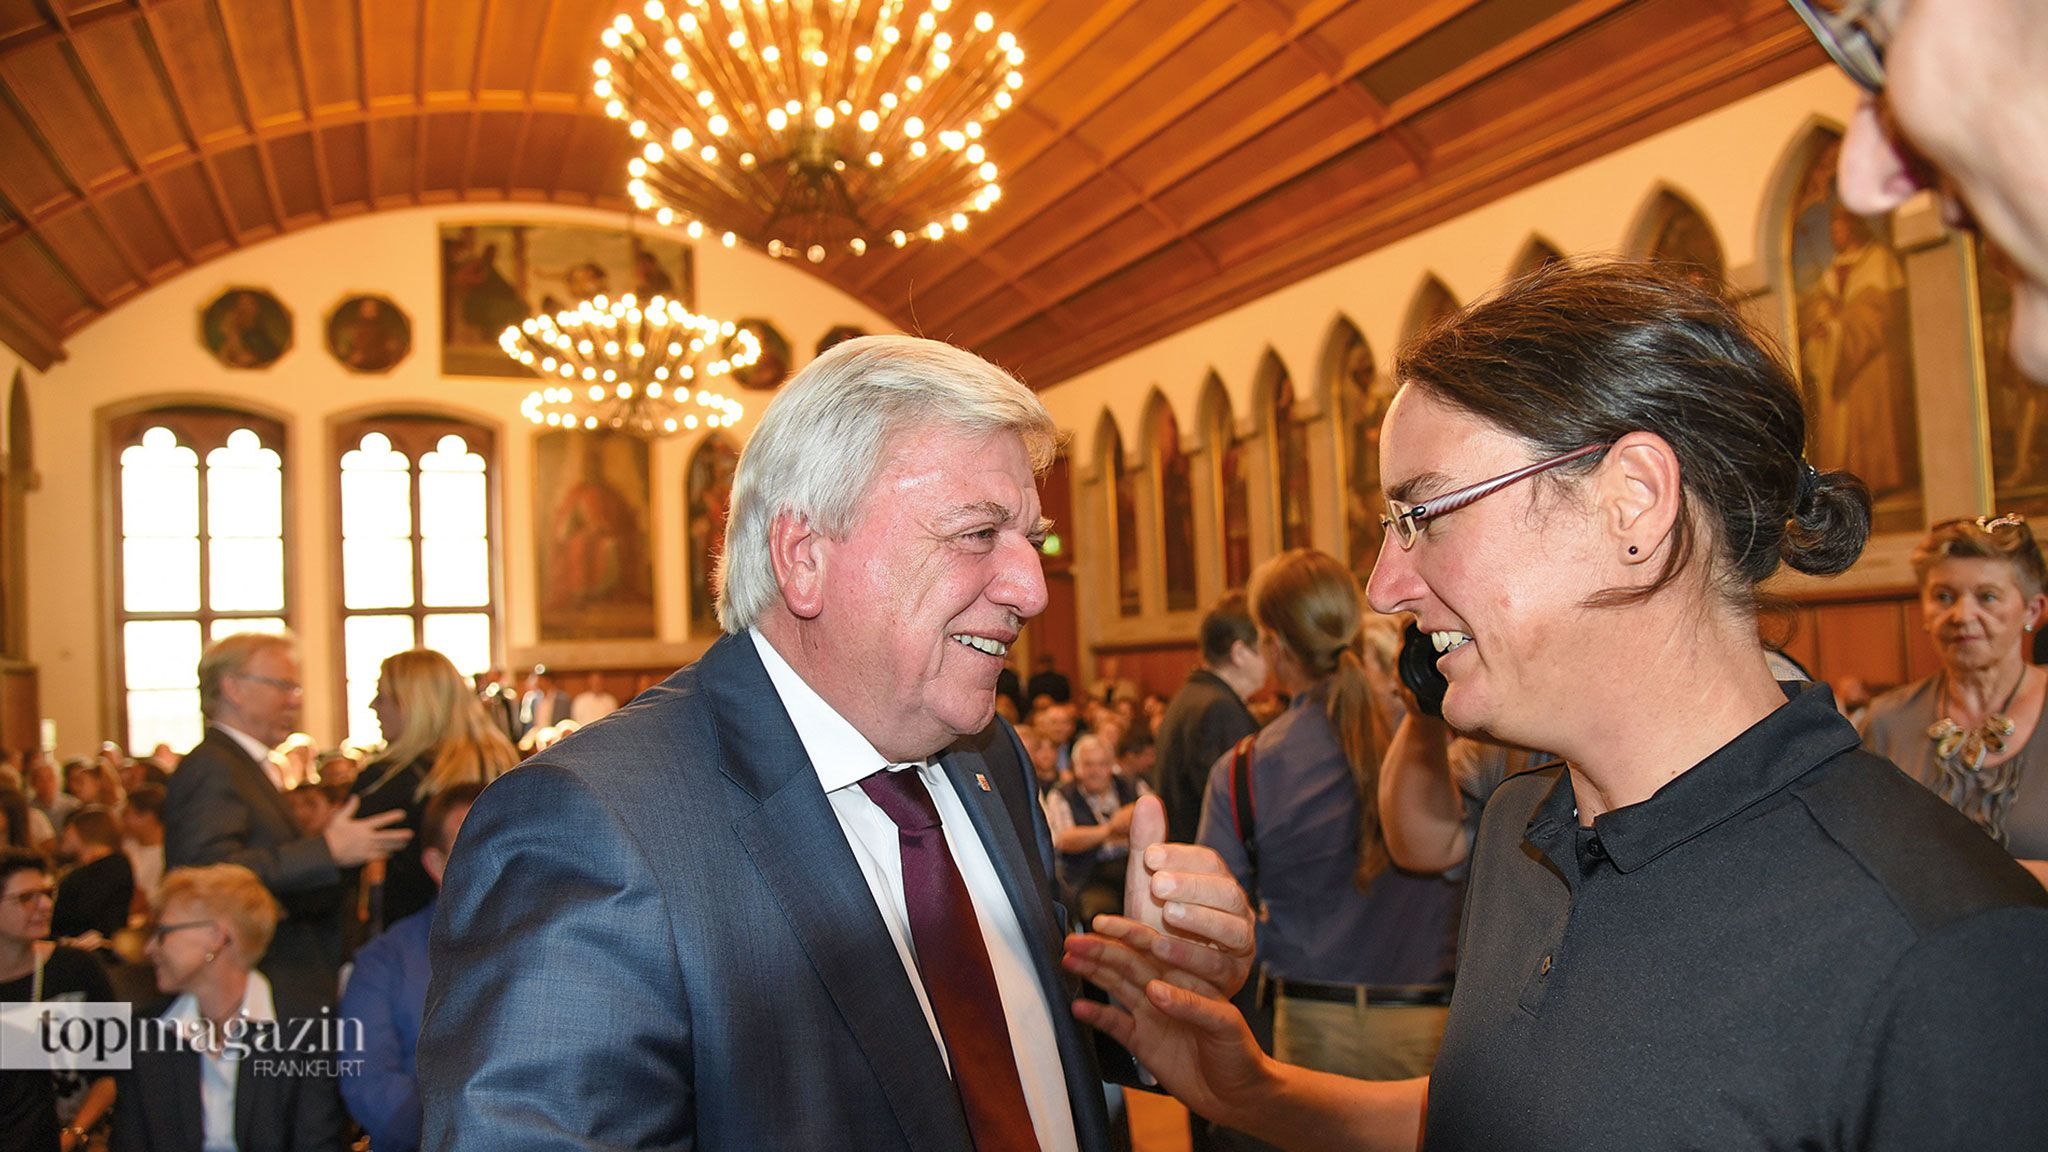 Der Hessische Ministerpräsident Volker Bouffier und die dreimalige Weltfußballerin Birgit Prinz